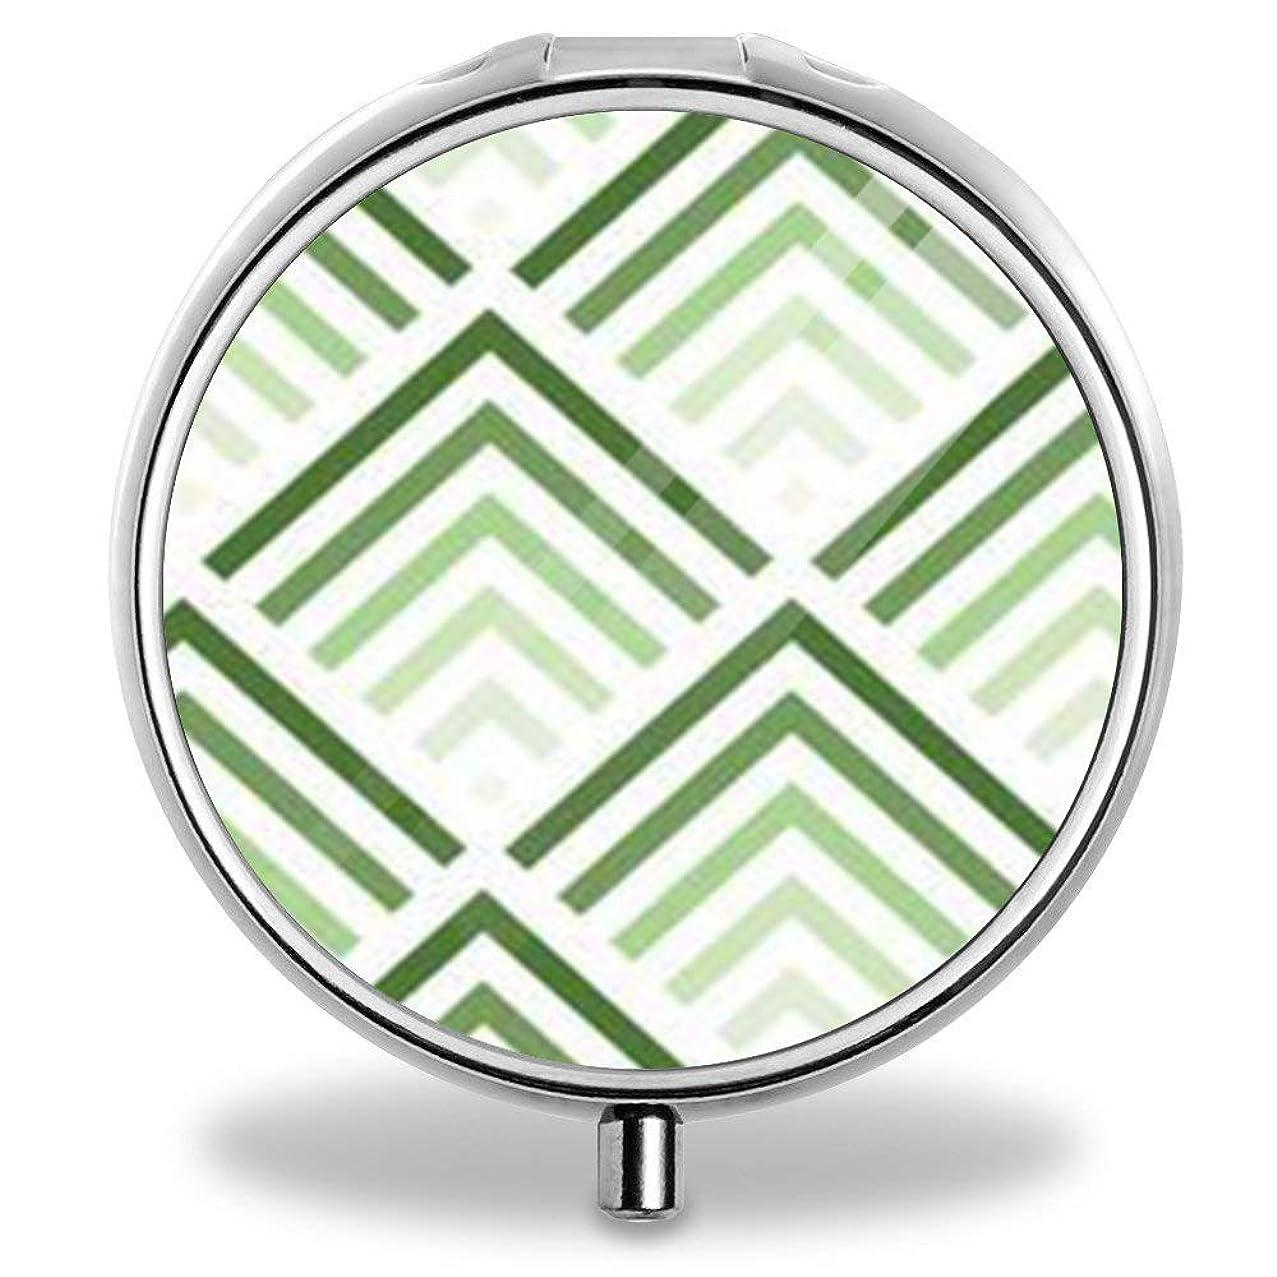 Unique Silver Round Pill Box Medicine Tablet Organizer or Coin Purse - Simple Geometric